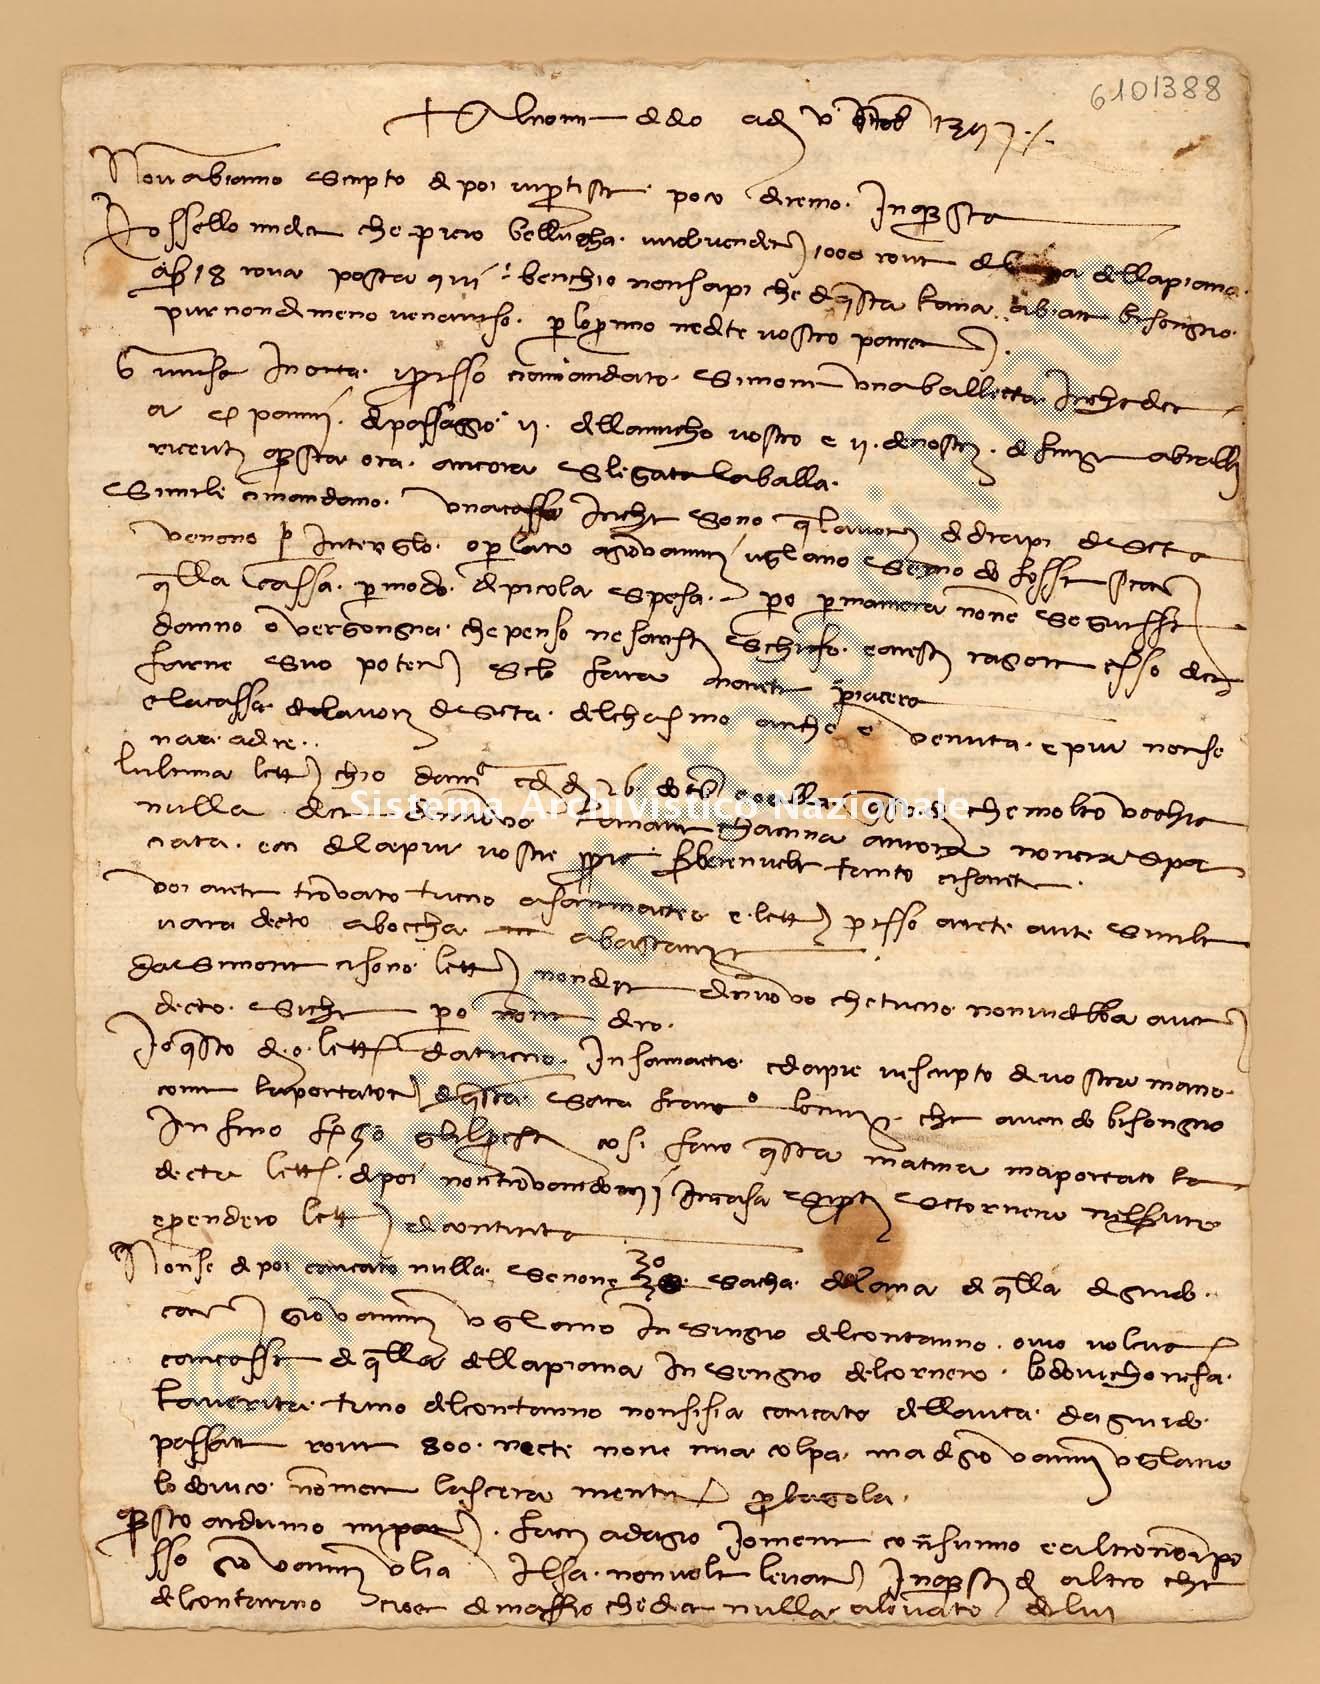 Archivio di Stato di Prato, Fondo Datini, Appendice al carteggio, 1116.166 Lettere Di Datini Francesco Di Marco e Luca Del Sera e Comp. a Luca Del Sera (busta 1116, inserto 166, codice 6101388)